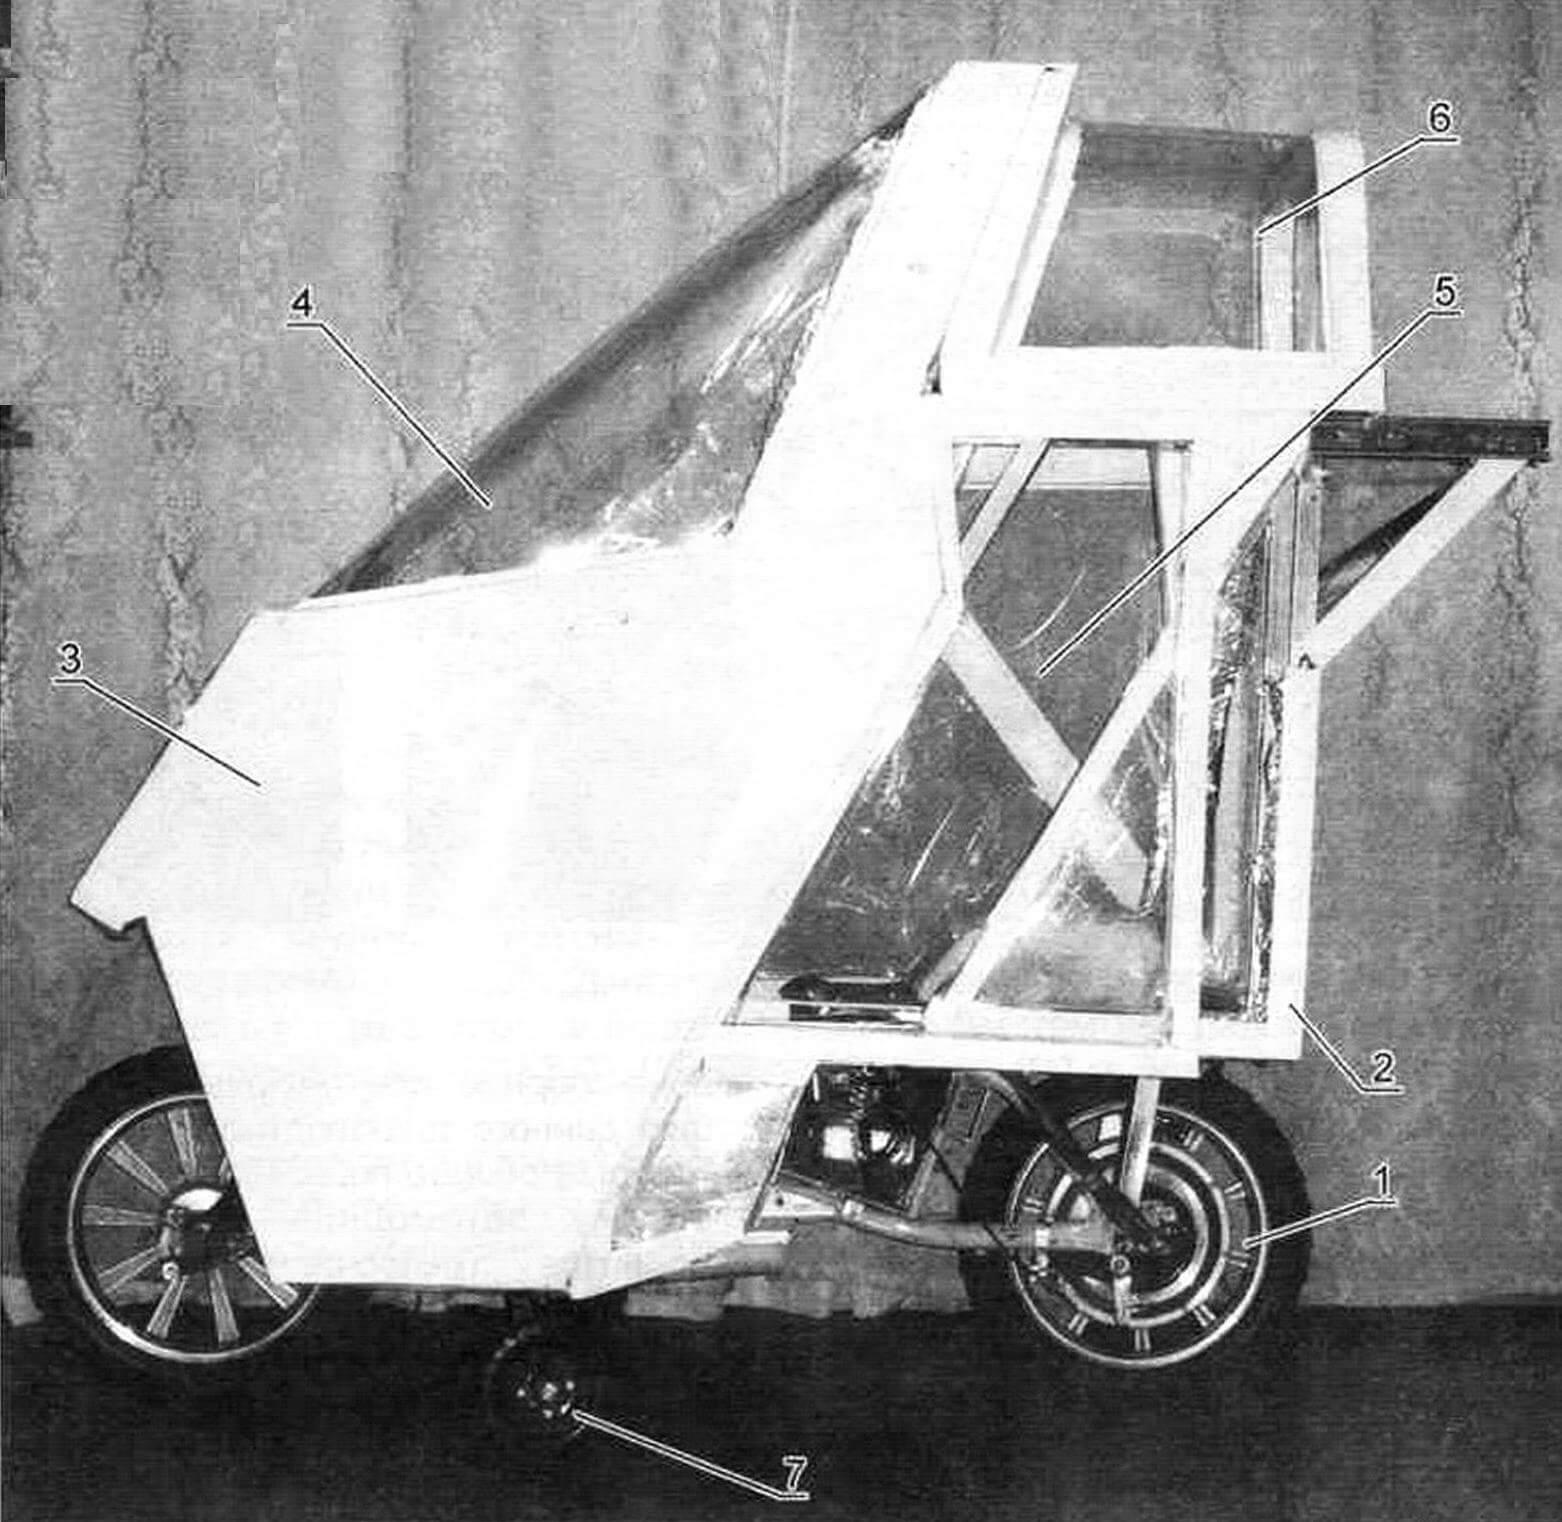 Ходовая модель мотомобиля базируется на детском электровелосипеде (1), на котором смонтирован легкий каркас (2), несущий на себе передний обтекатель из поликарбоната (3) с лобовым стеклом (4), сдвижные двери (5) и «фонарь» (6). Внизу установлены убирающиеся опорные колеса (7)